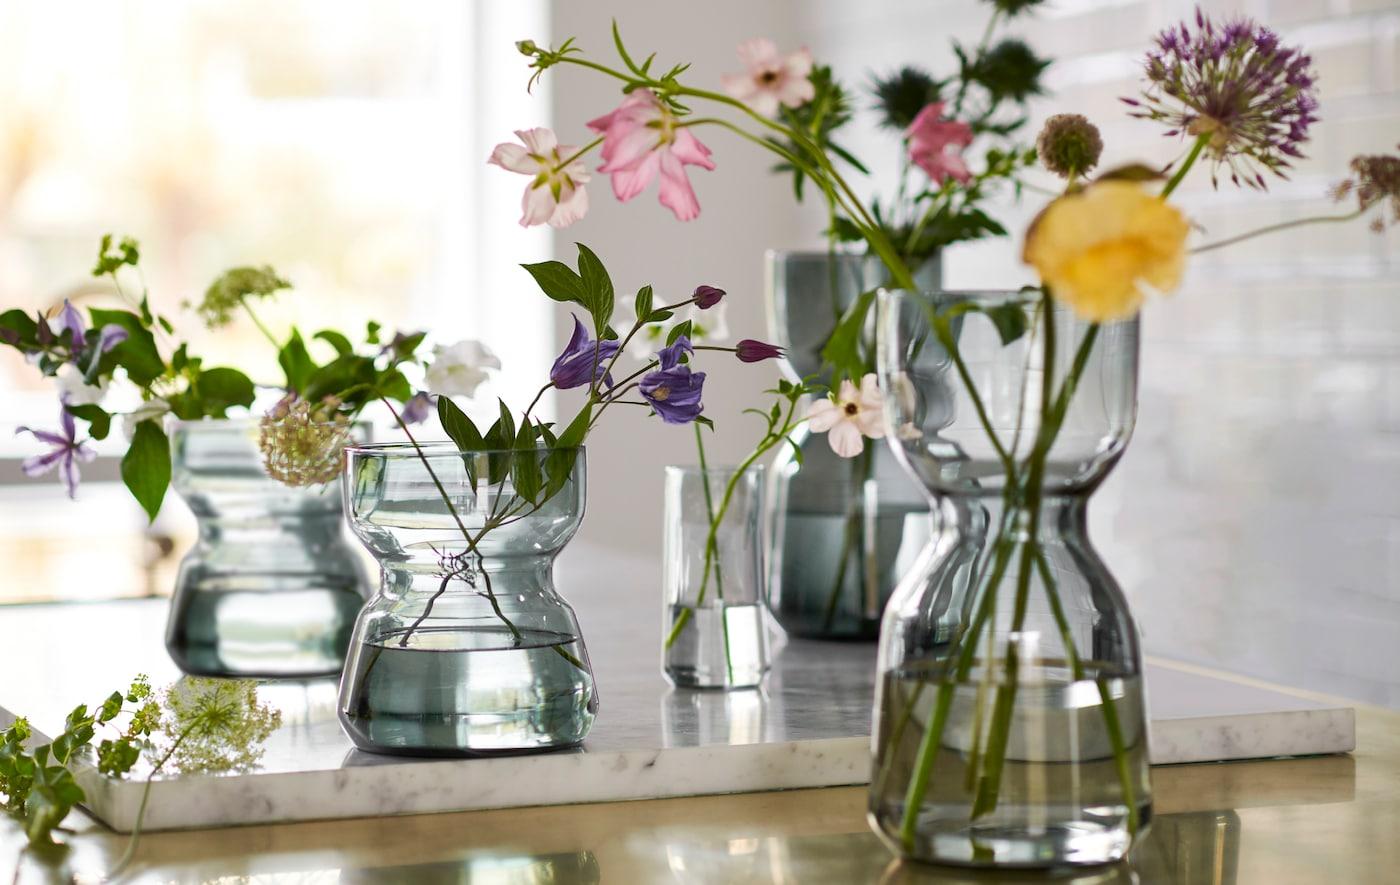 العديد من المزهريات الزجاجية OMTÄNKSAM، مع جزء مركزي مميز لتسهيل حملها، موضوعة على سطح عمل مع زهور طبيعية نضرة بداخلها.